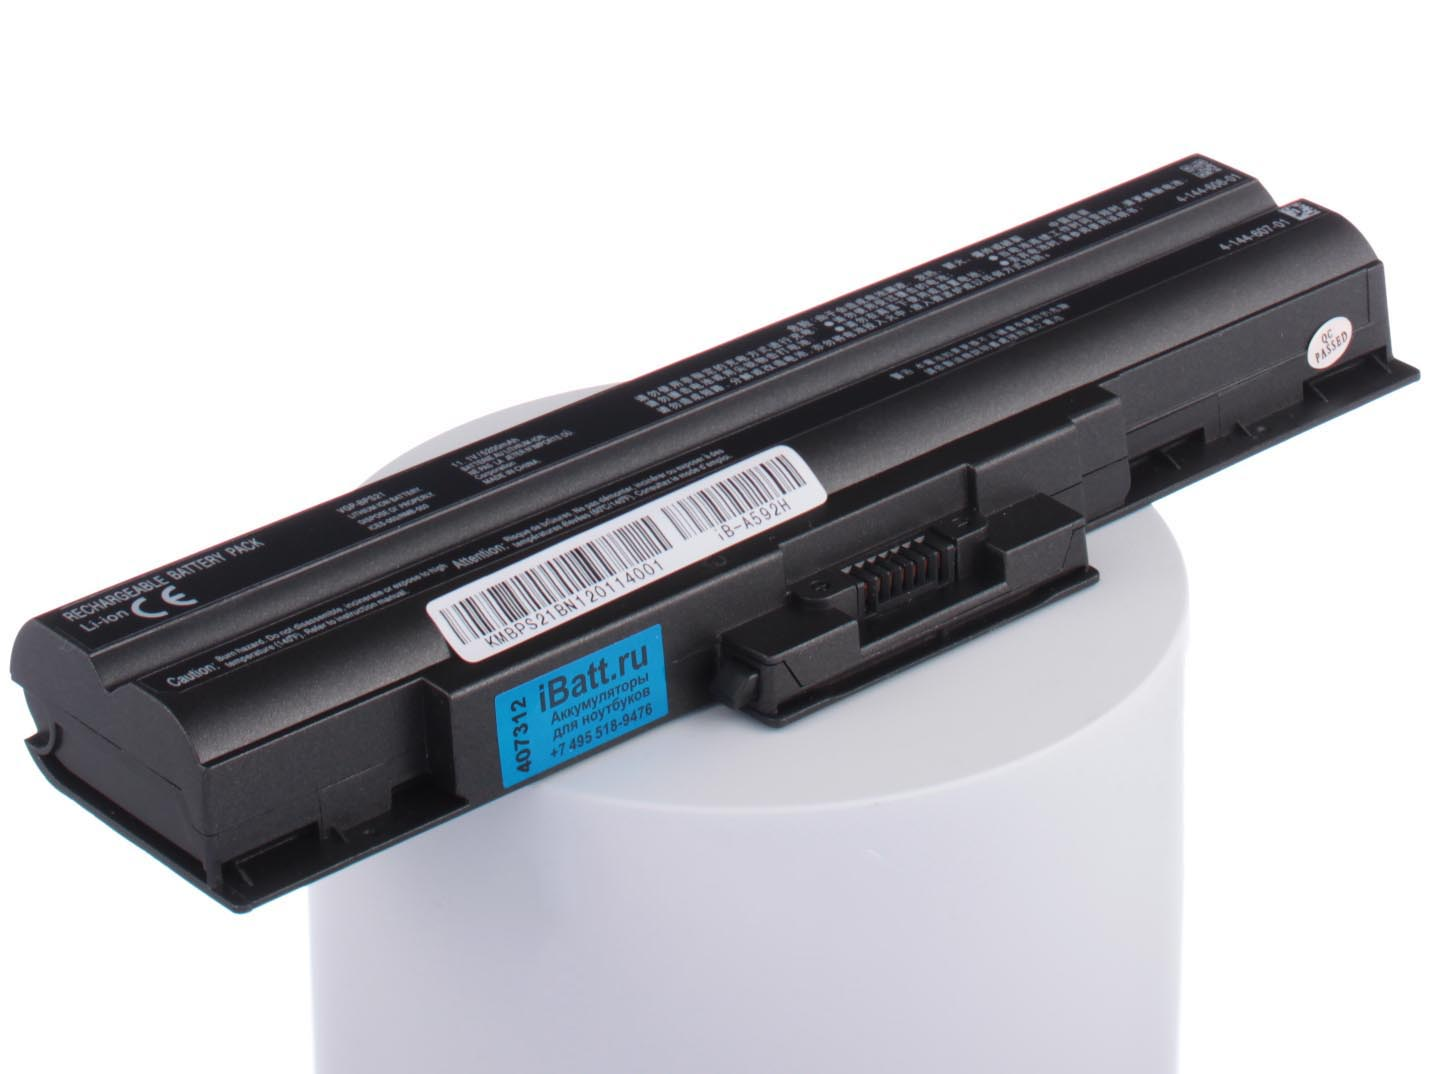 Аккумулятор для ноутбука iBatt для Sony VAIO VPC-S13S9R, VAIO VGN-AW11ZR, VAIO VGN-CS325J, VAIO VGN-FW290, VAIO VGN-NS21ER, VAIO VGN-NW240F, VAIO VPC-F11M1R, VAIO VPC-S12A7R, VAIO VGN-AW3XRY, VAIO VGN-FW11J, VAIO VGN-NS305D аккумулятор для ноутбука sony vaio vgn aw vgn cs vgn fw vpc cw vpc m vpc sr series 8800мач 11 1v topon top bpl21h nocd88